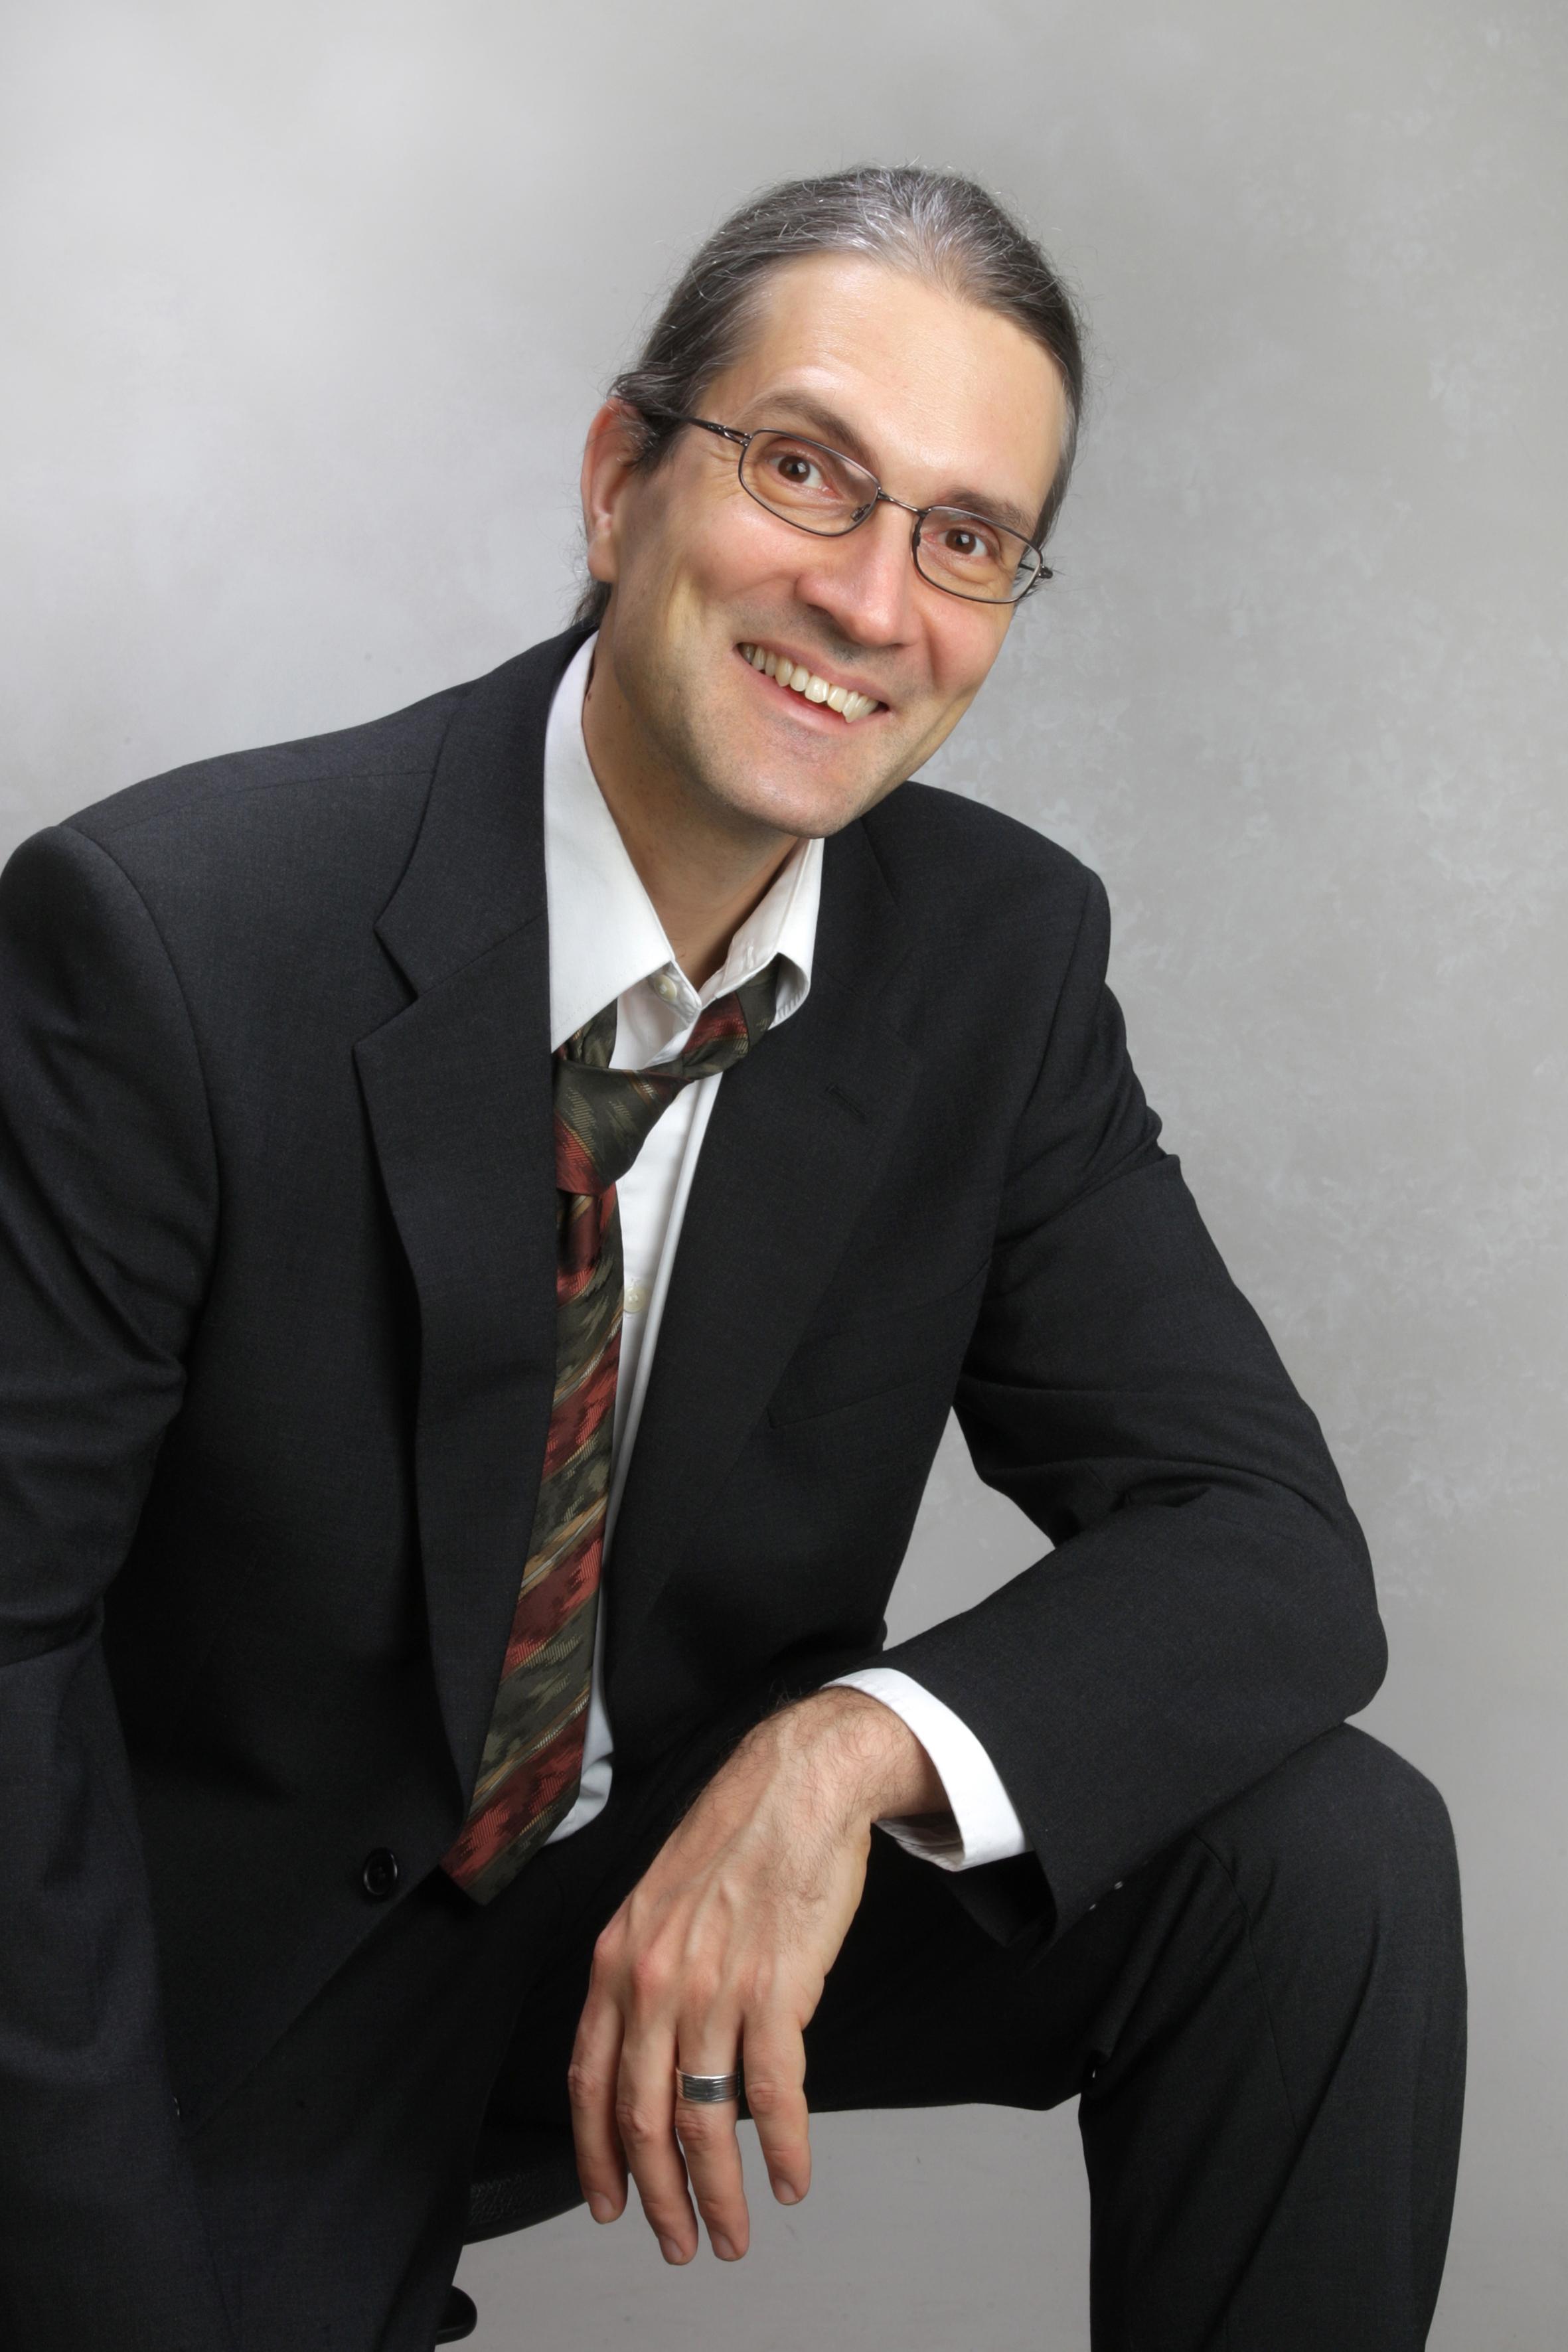 Tommi Lehtonen